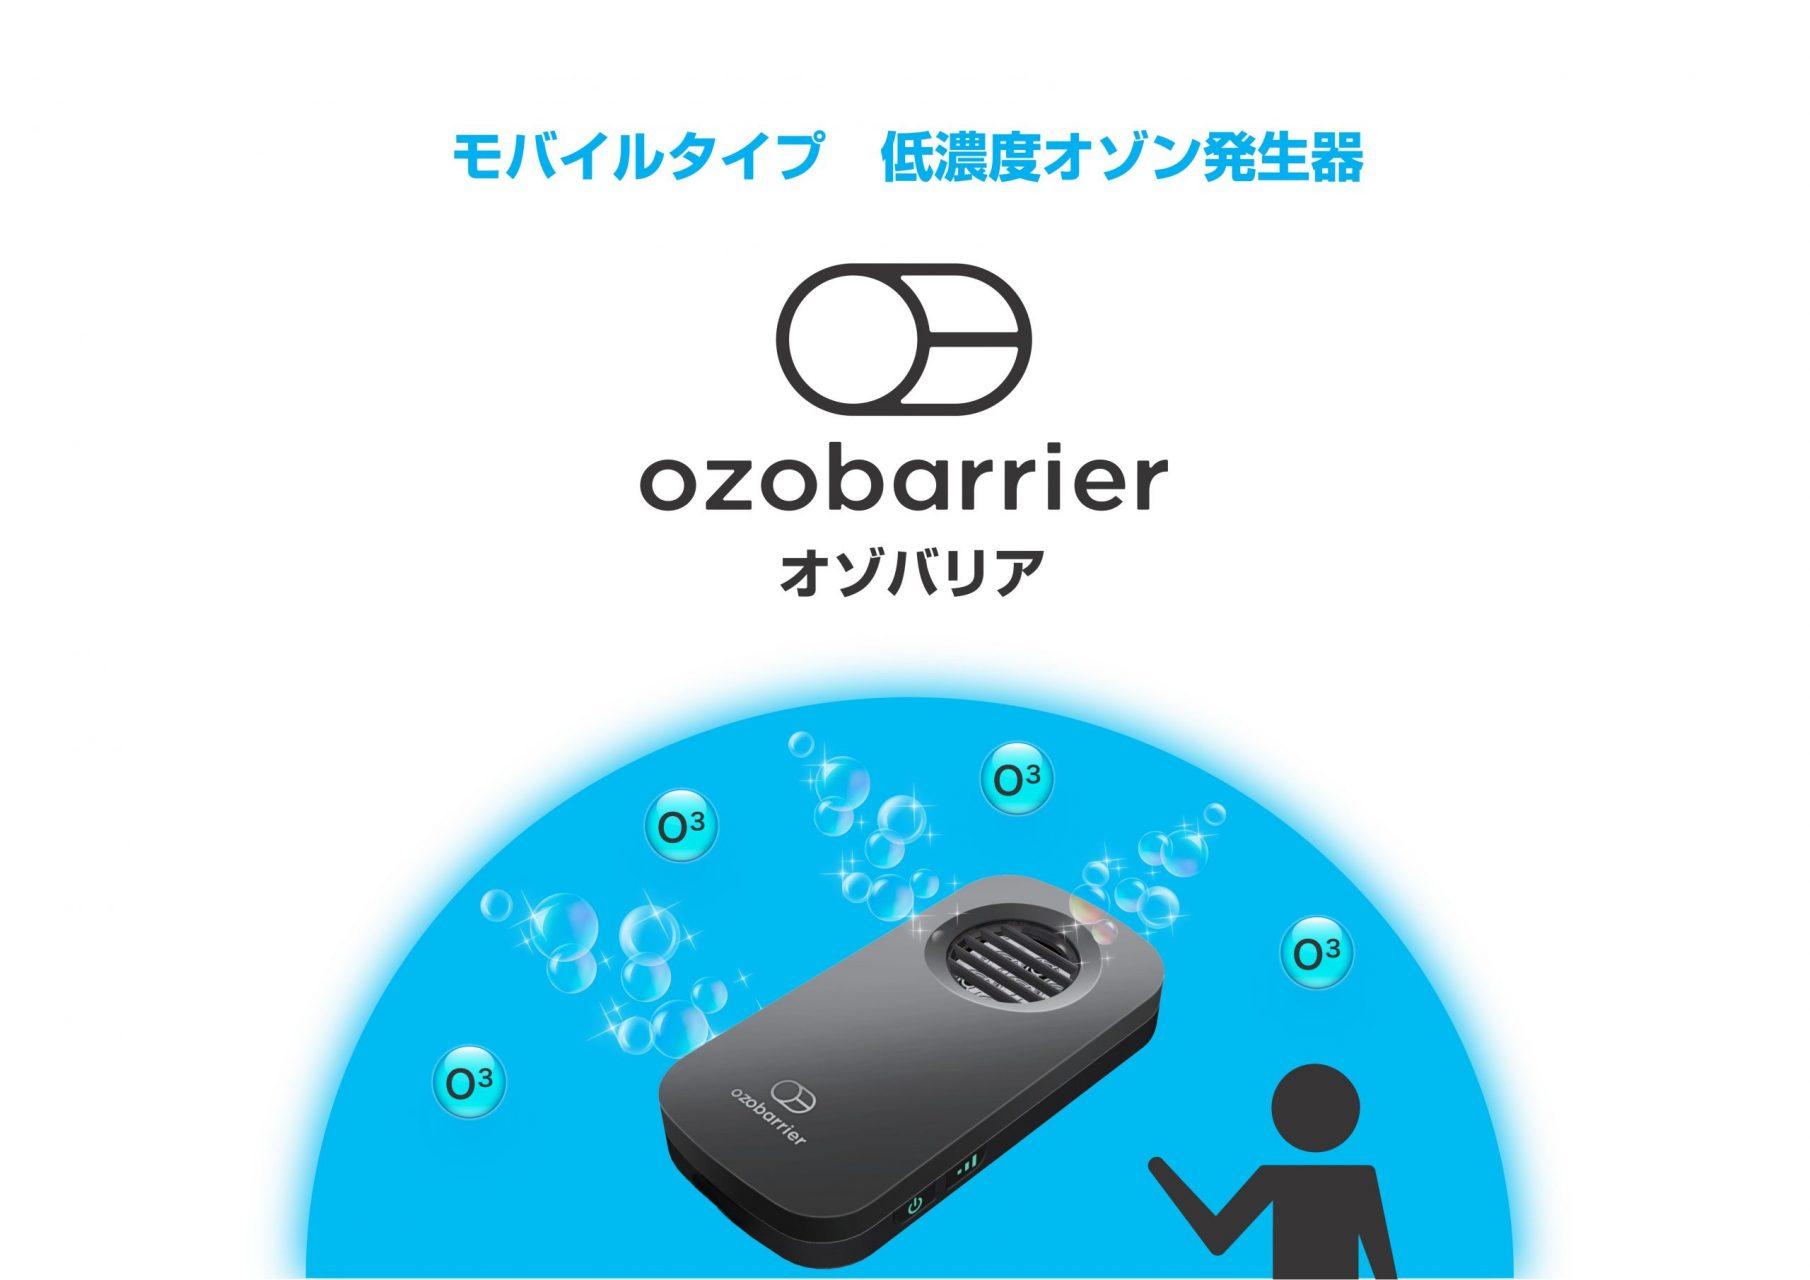 1ヶ月連続使用可能!部屋まるごとウィルス対策できる低濃度オゾン発生器